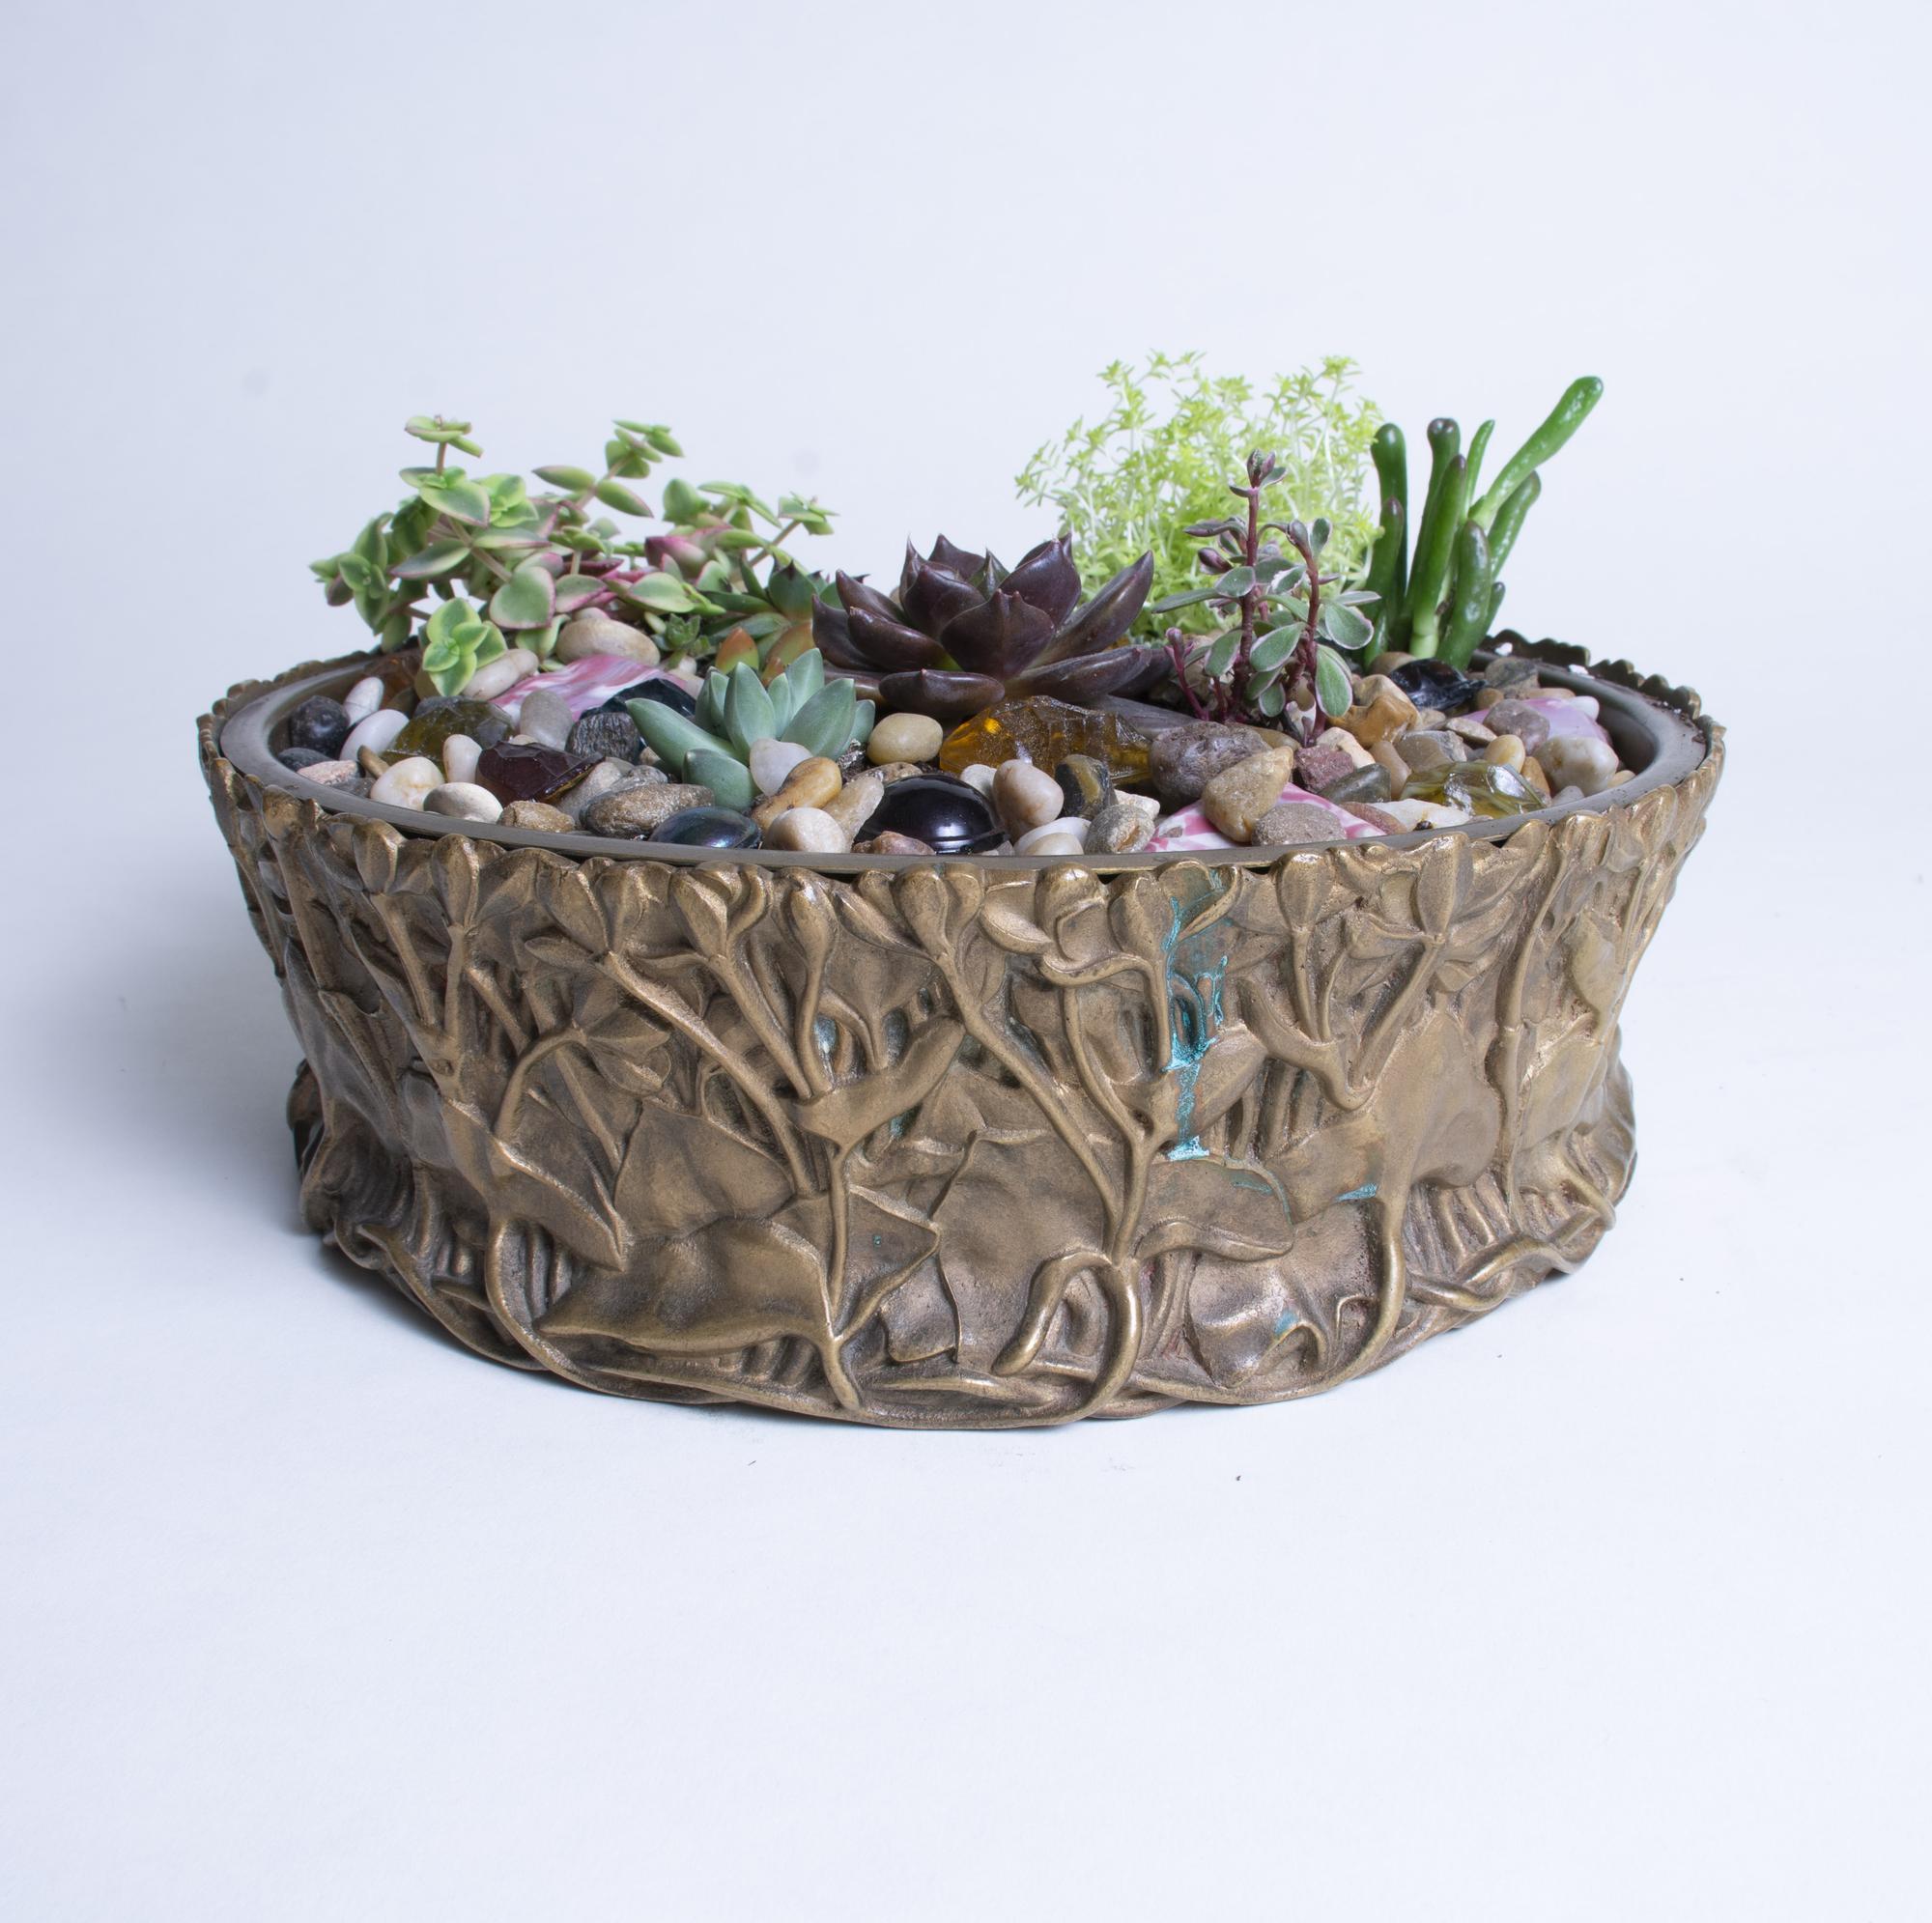 Tiffany Studios  Marsh Marigold Planter 4